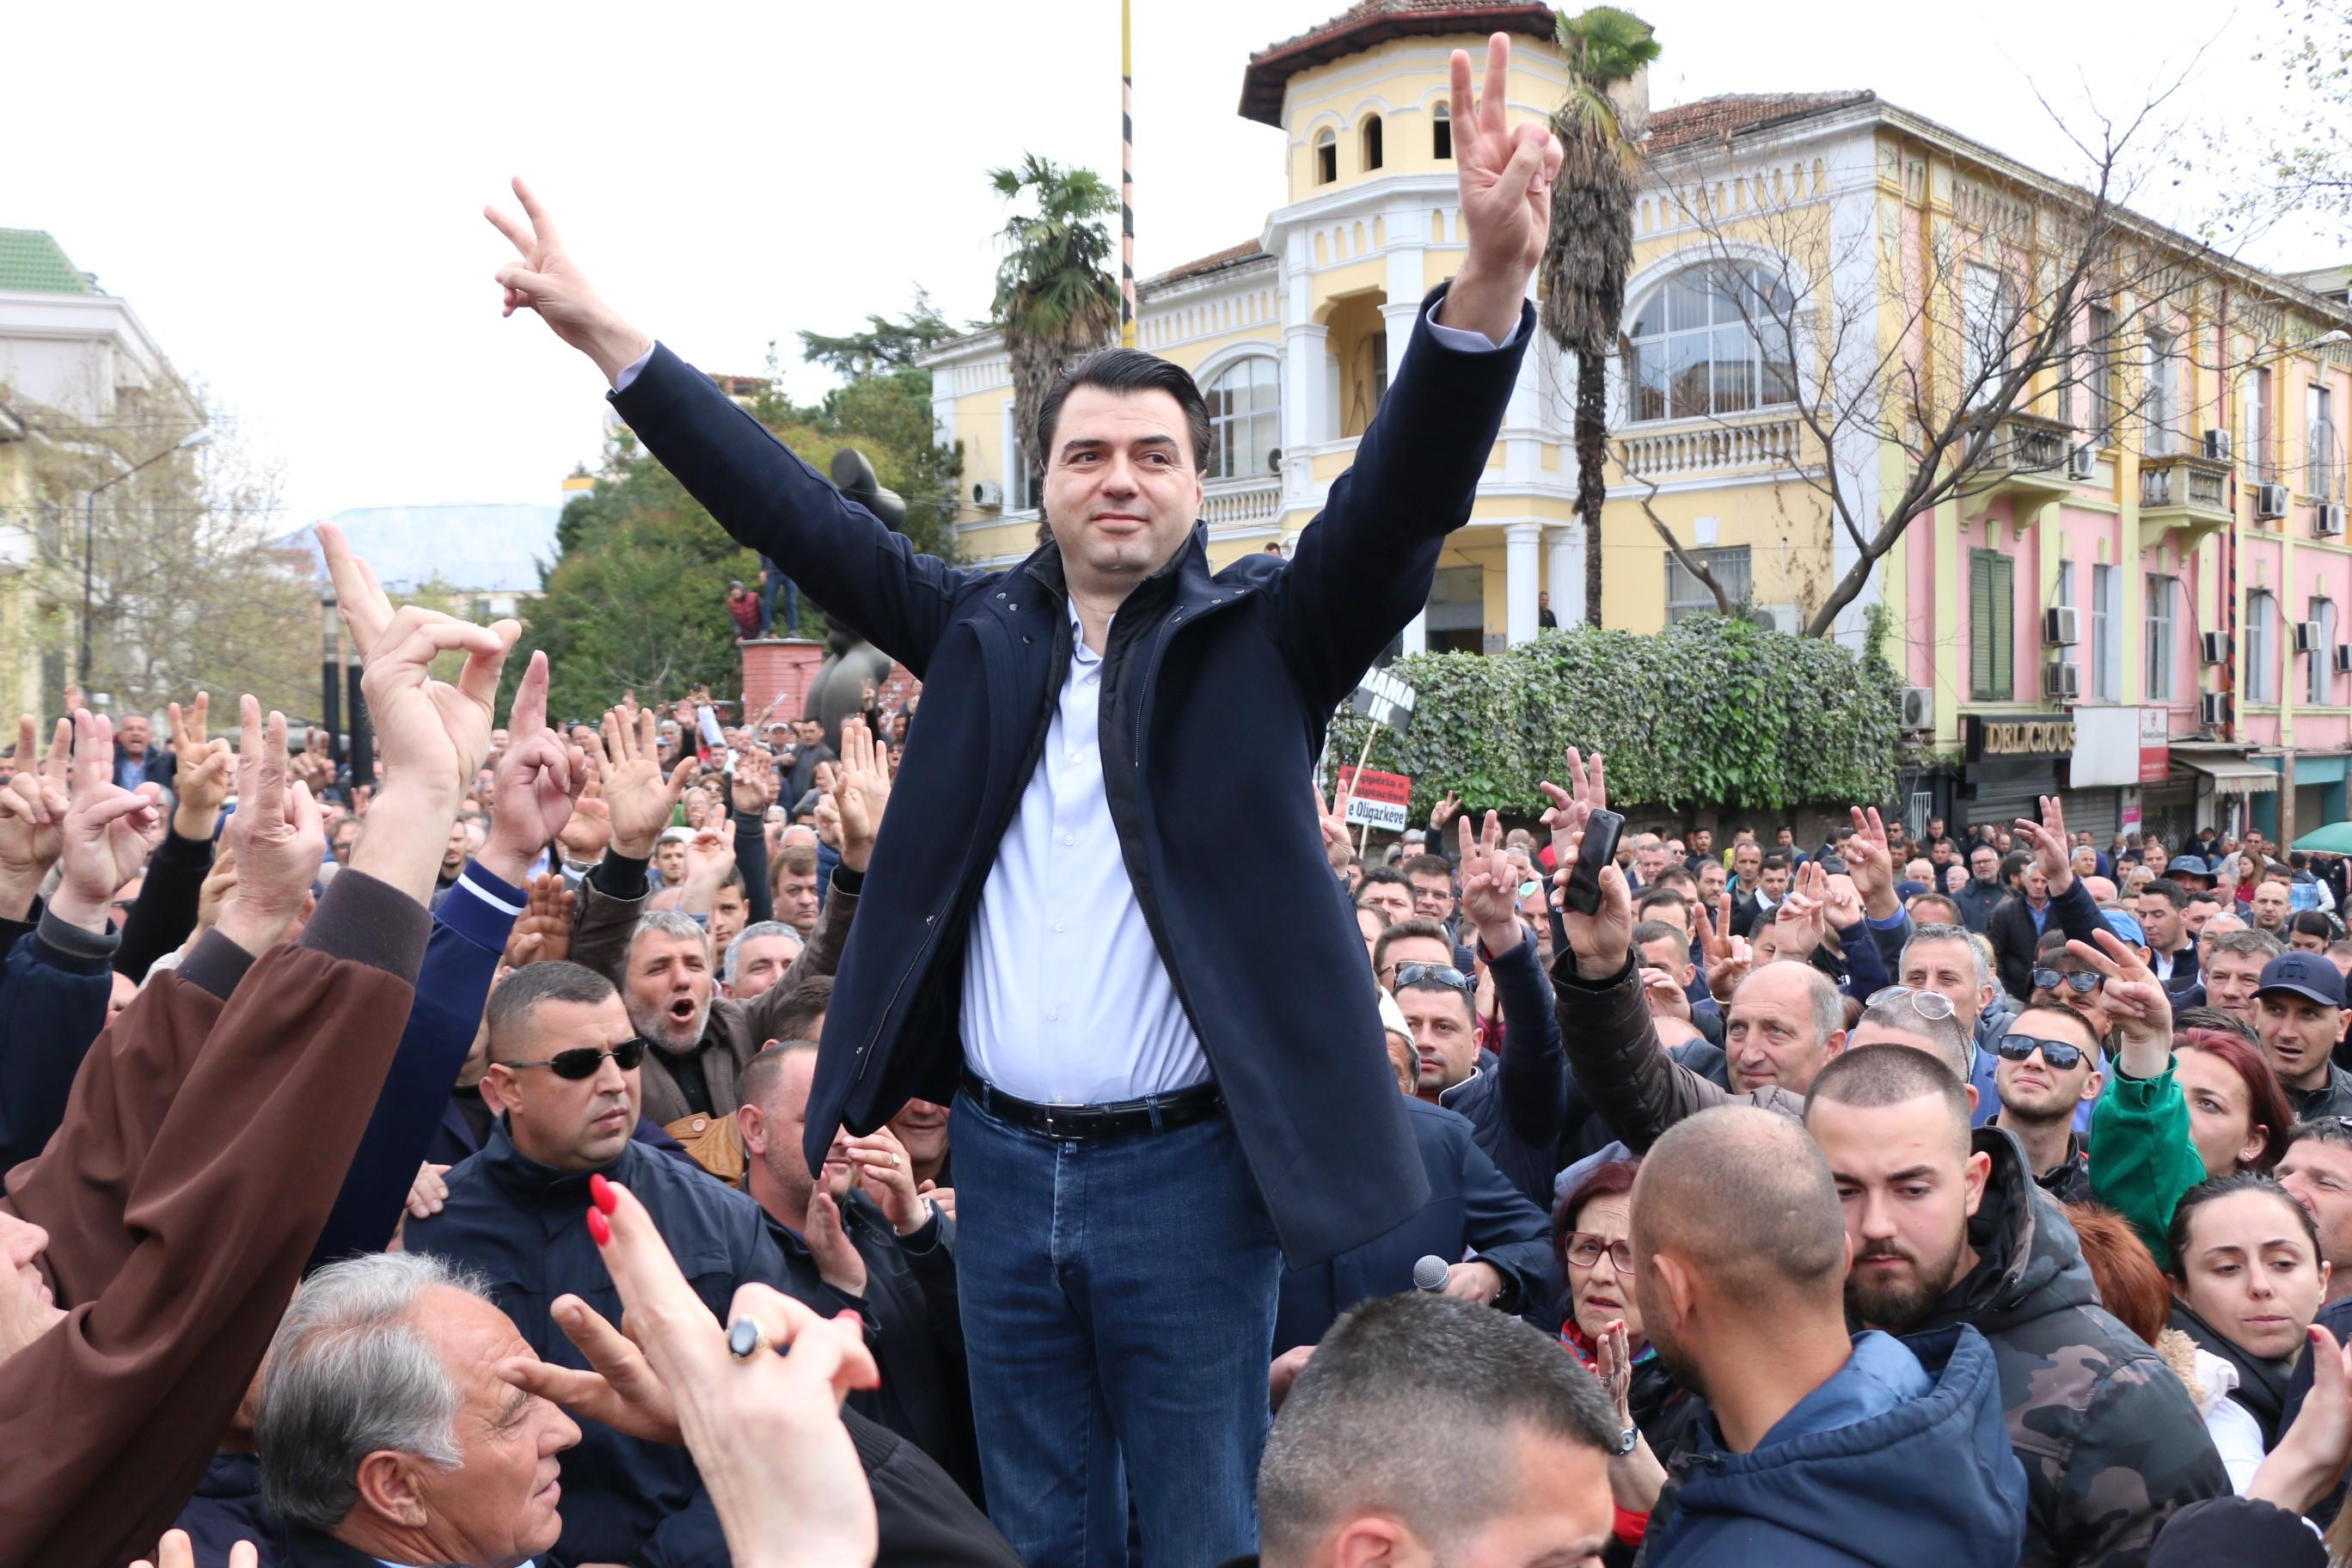 Megpróbáltak benyomulni a tiranai parlamentbe a kormányellenes tüntetők